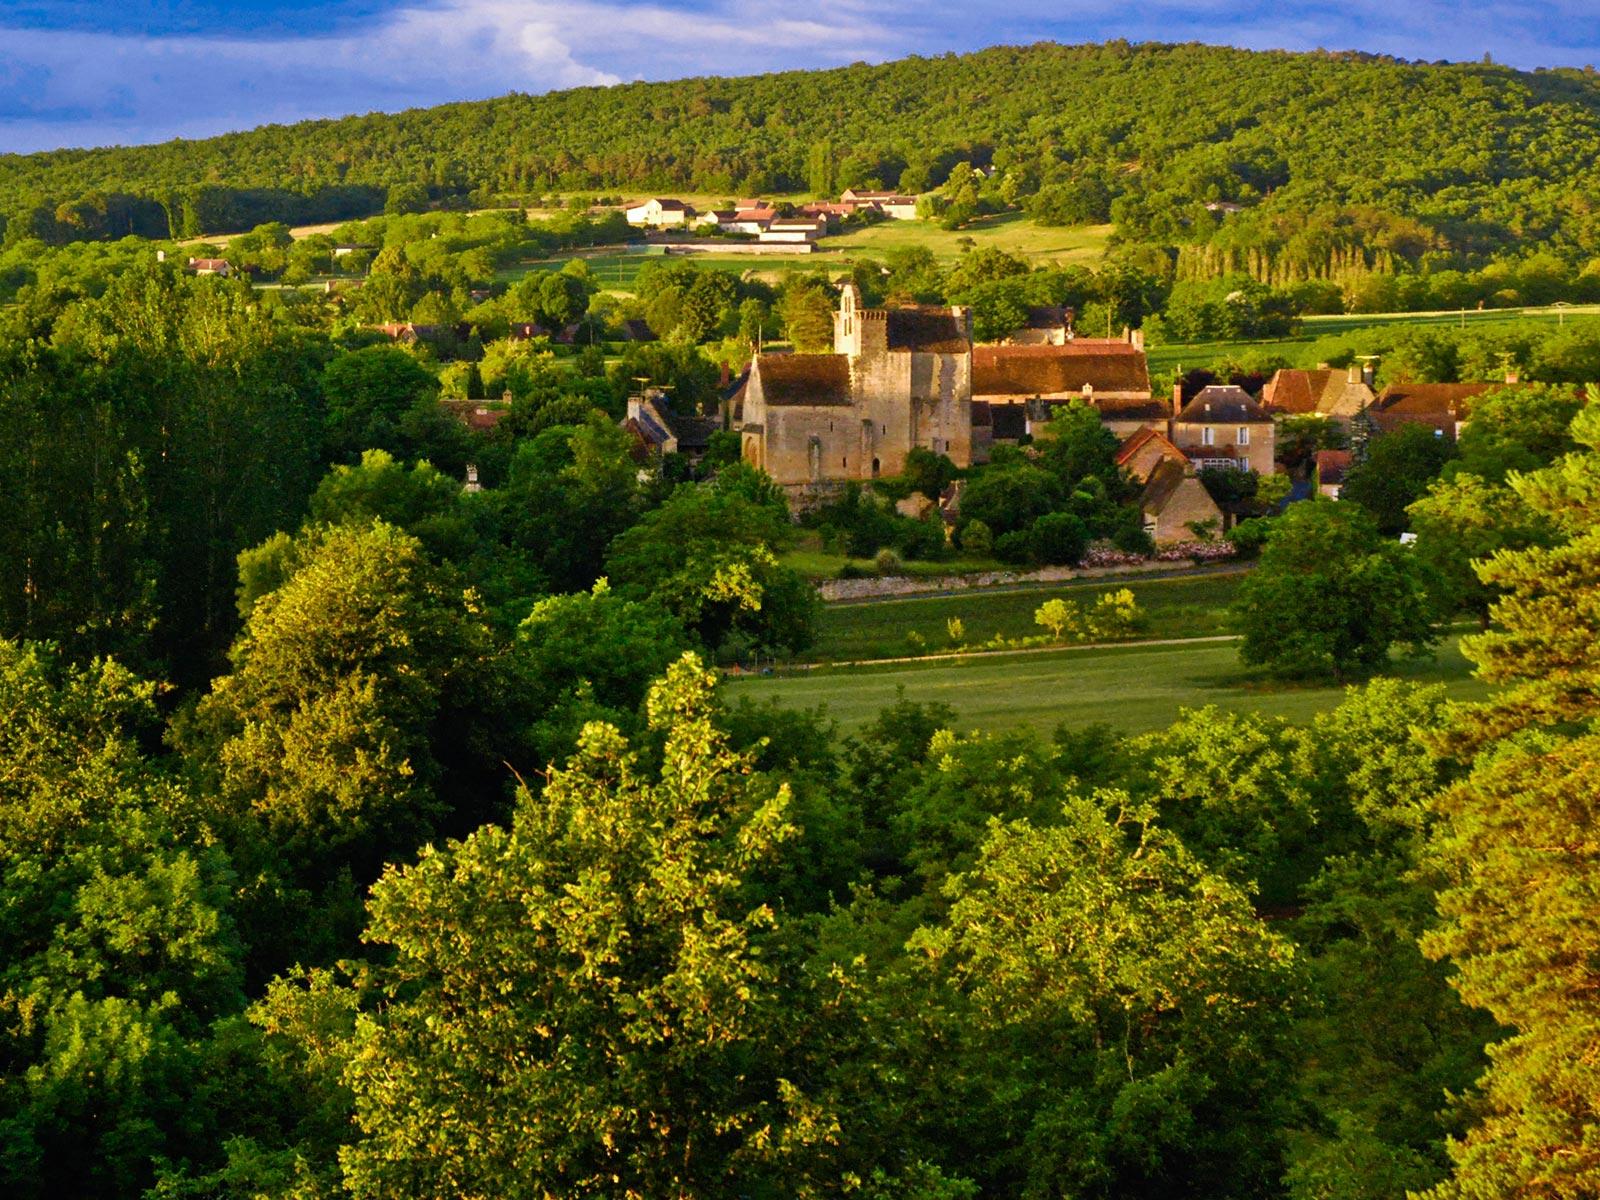 le village de Sergeac juste en dessous de l'auberge